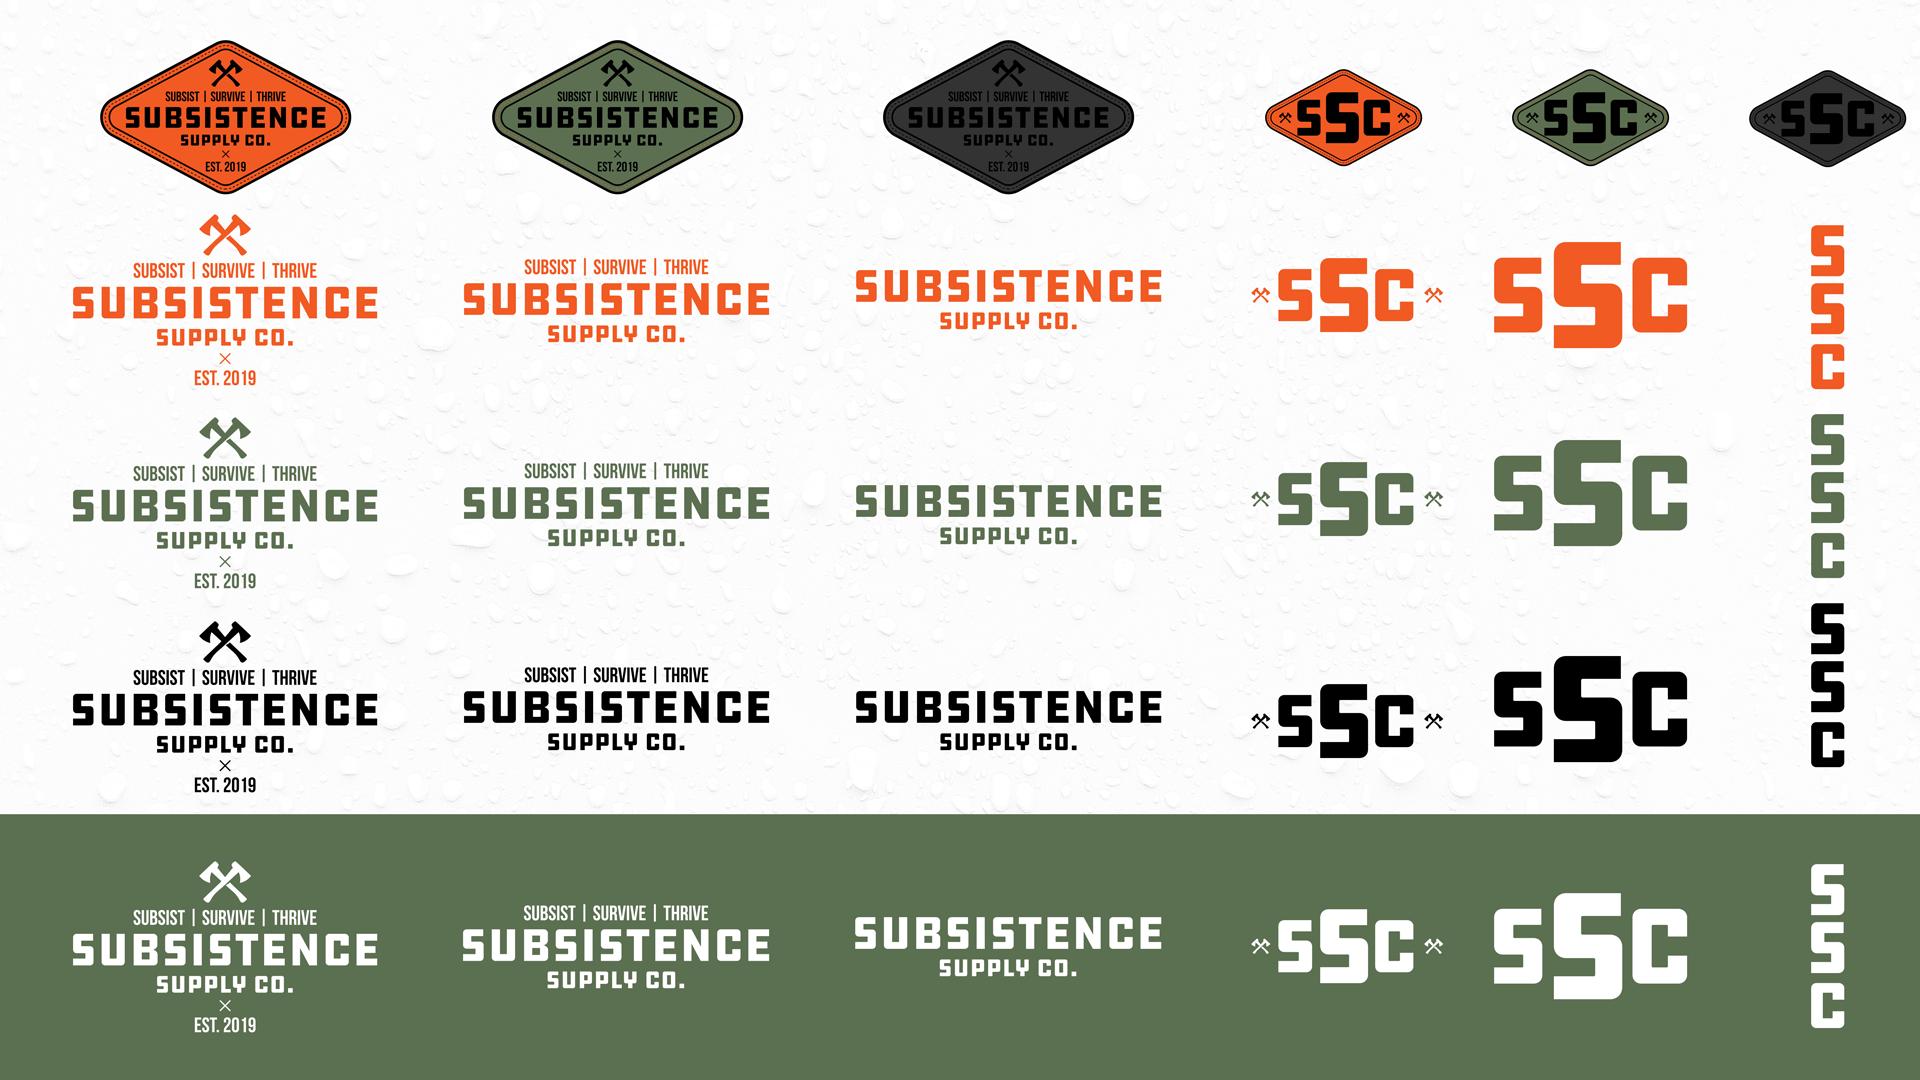 Subsistence Supply Company logo variations